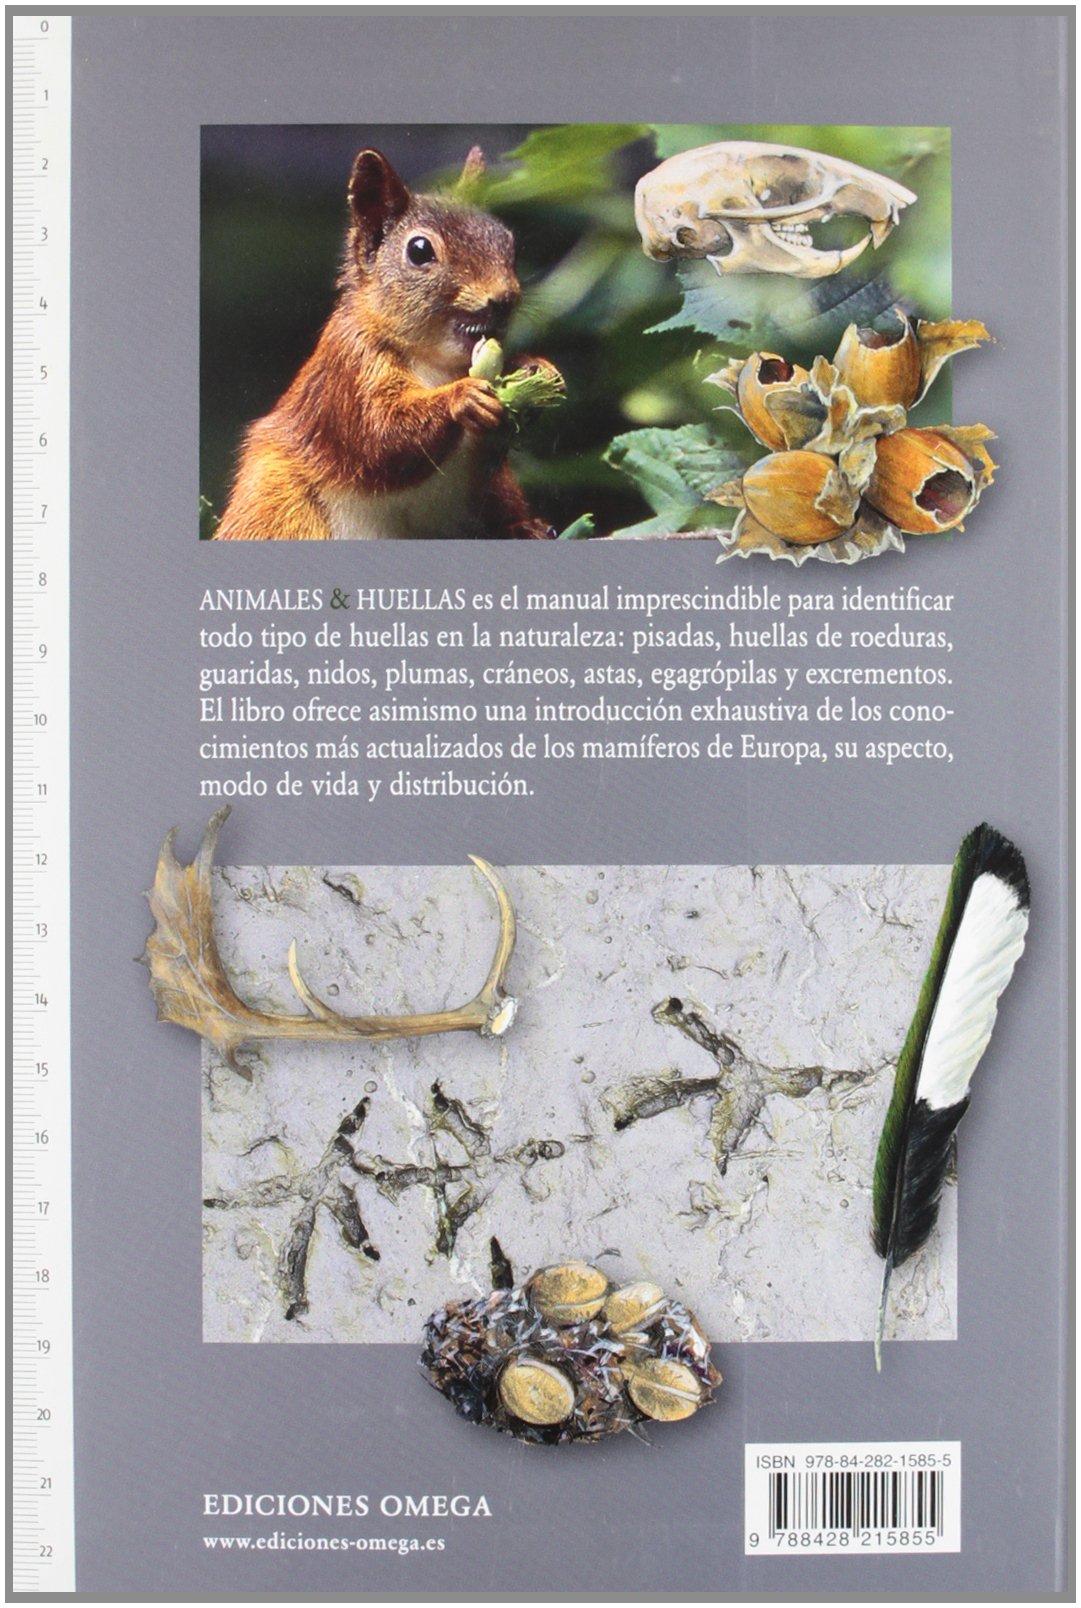 ANIMALES & HUELLAS (GUÍAS DEL NATURALISTA- MAMÍFEROS): Amazon.es: OLSEN, LARS-HENRIK, PARDOS, MONTSERRAT: Libros